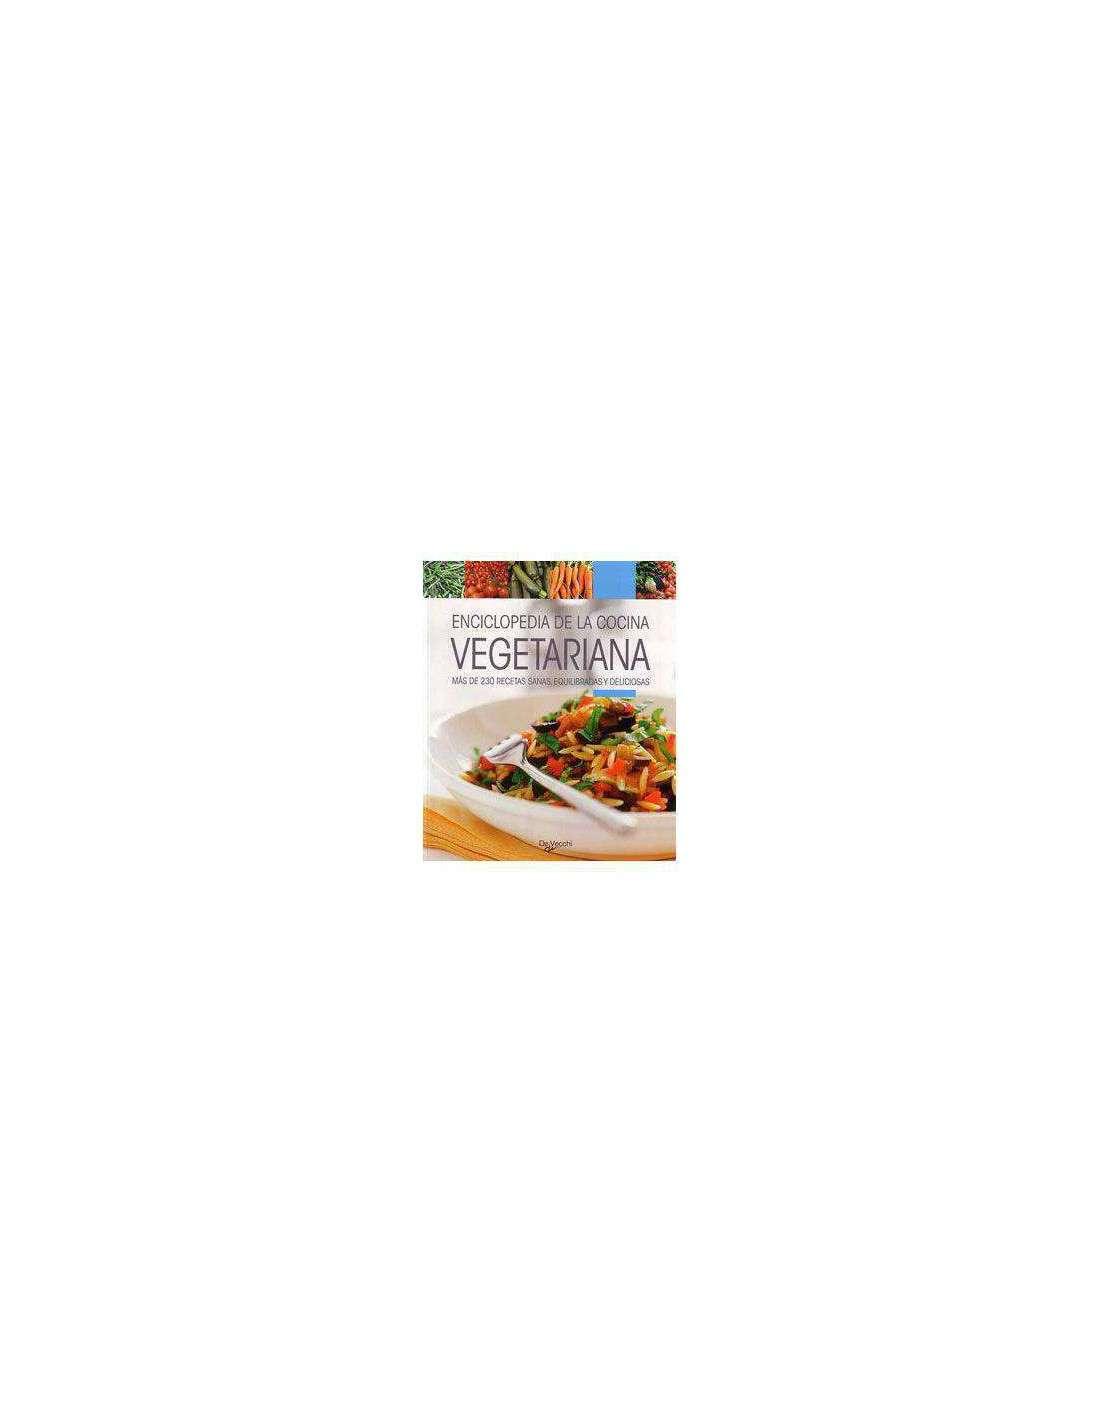 Enciclopedia de la cocina vegetariana por 13 90 en cocopot for Enciclopedia de cocina pdf